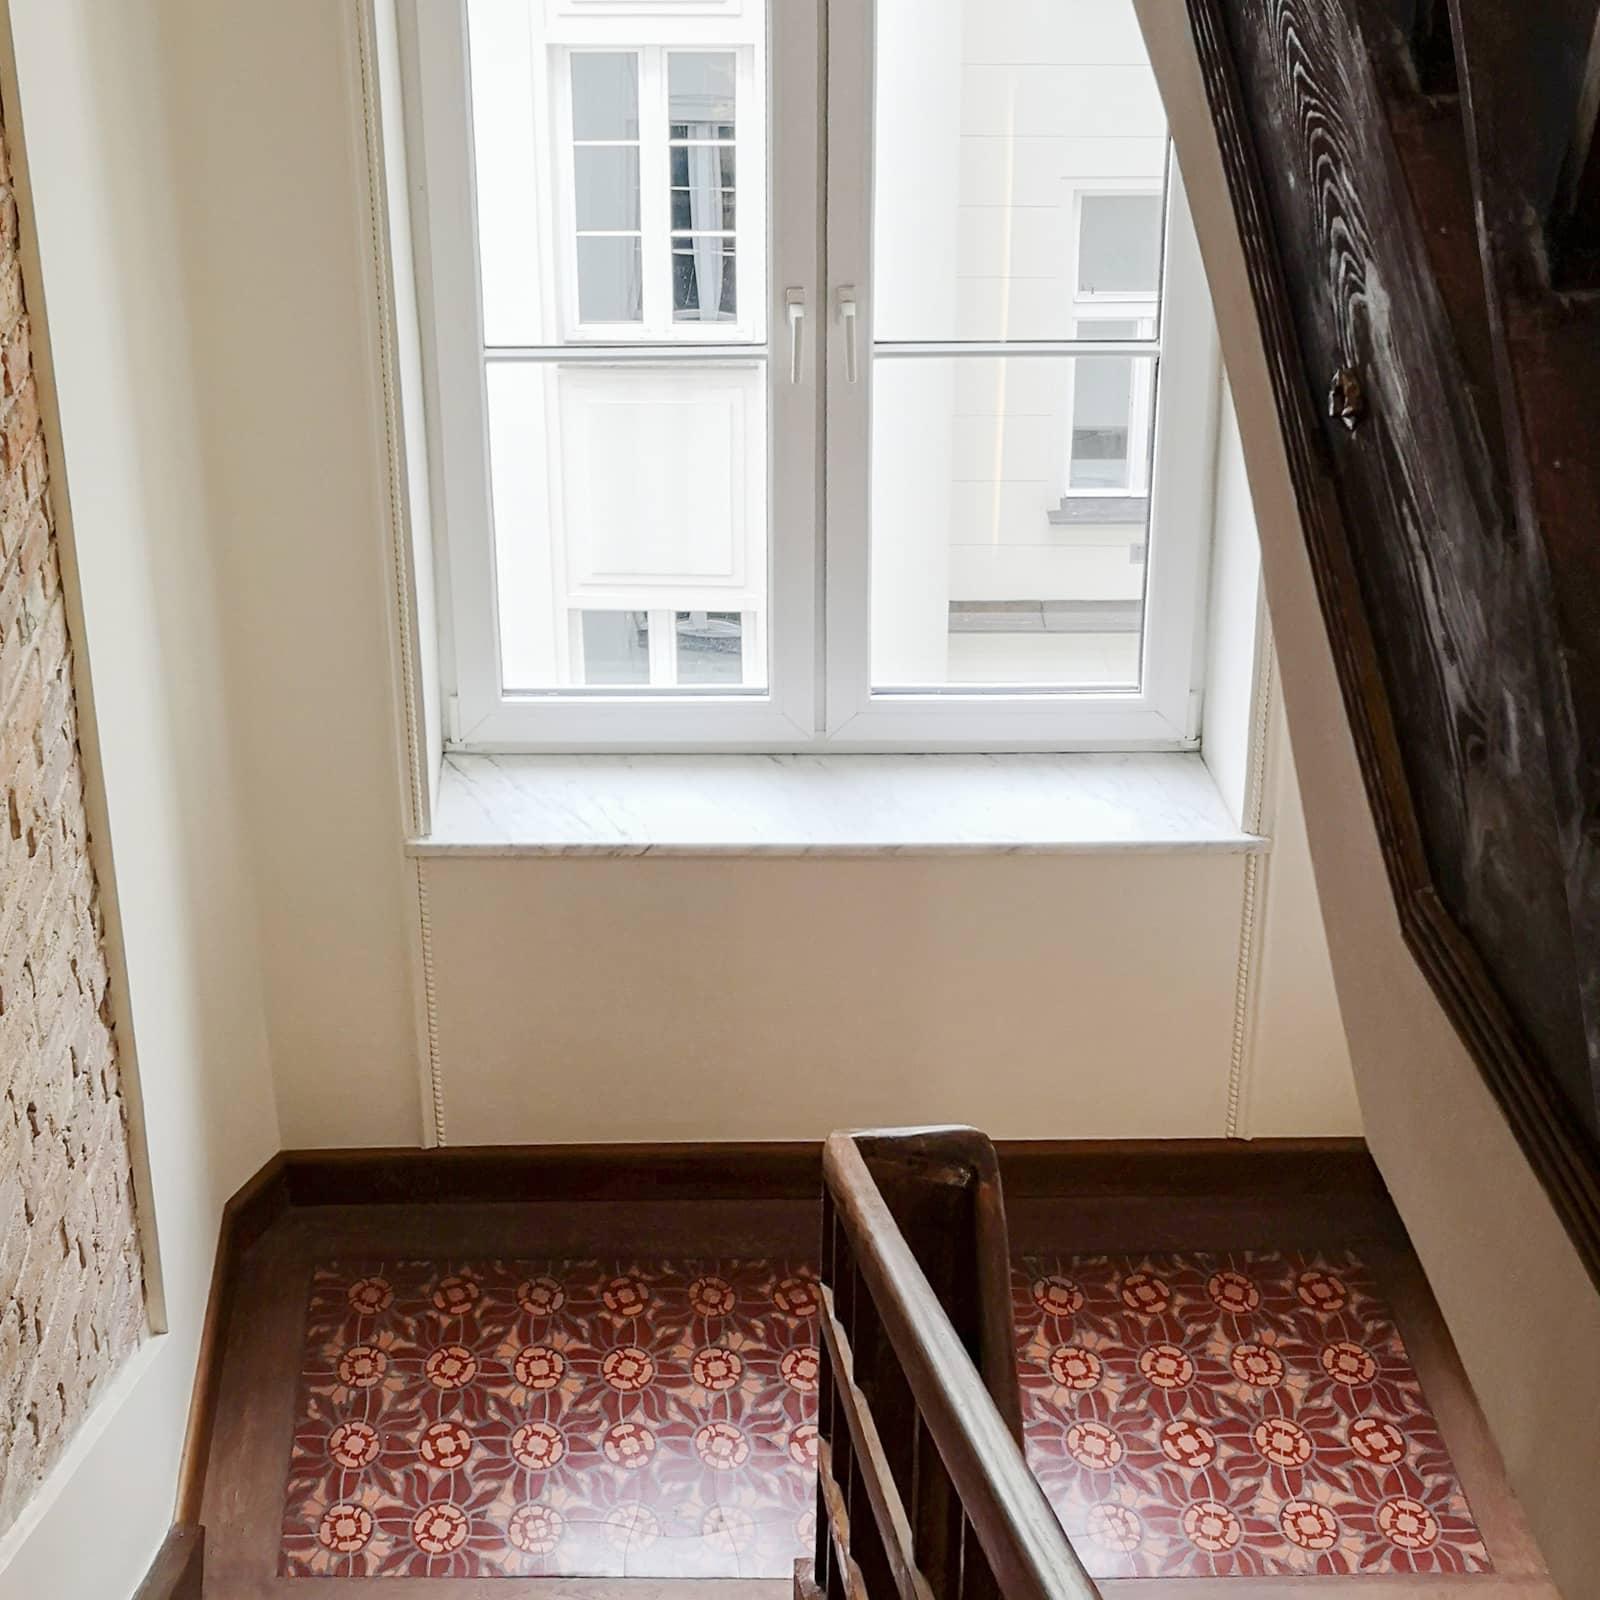 zementfliesen-terrazzofliesen-kreidefarbe-terrazzo-fugenlos-viaplatten-12133-studio-casciarri-treppenhaus-02 | 12133/150